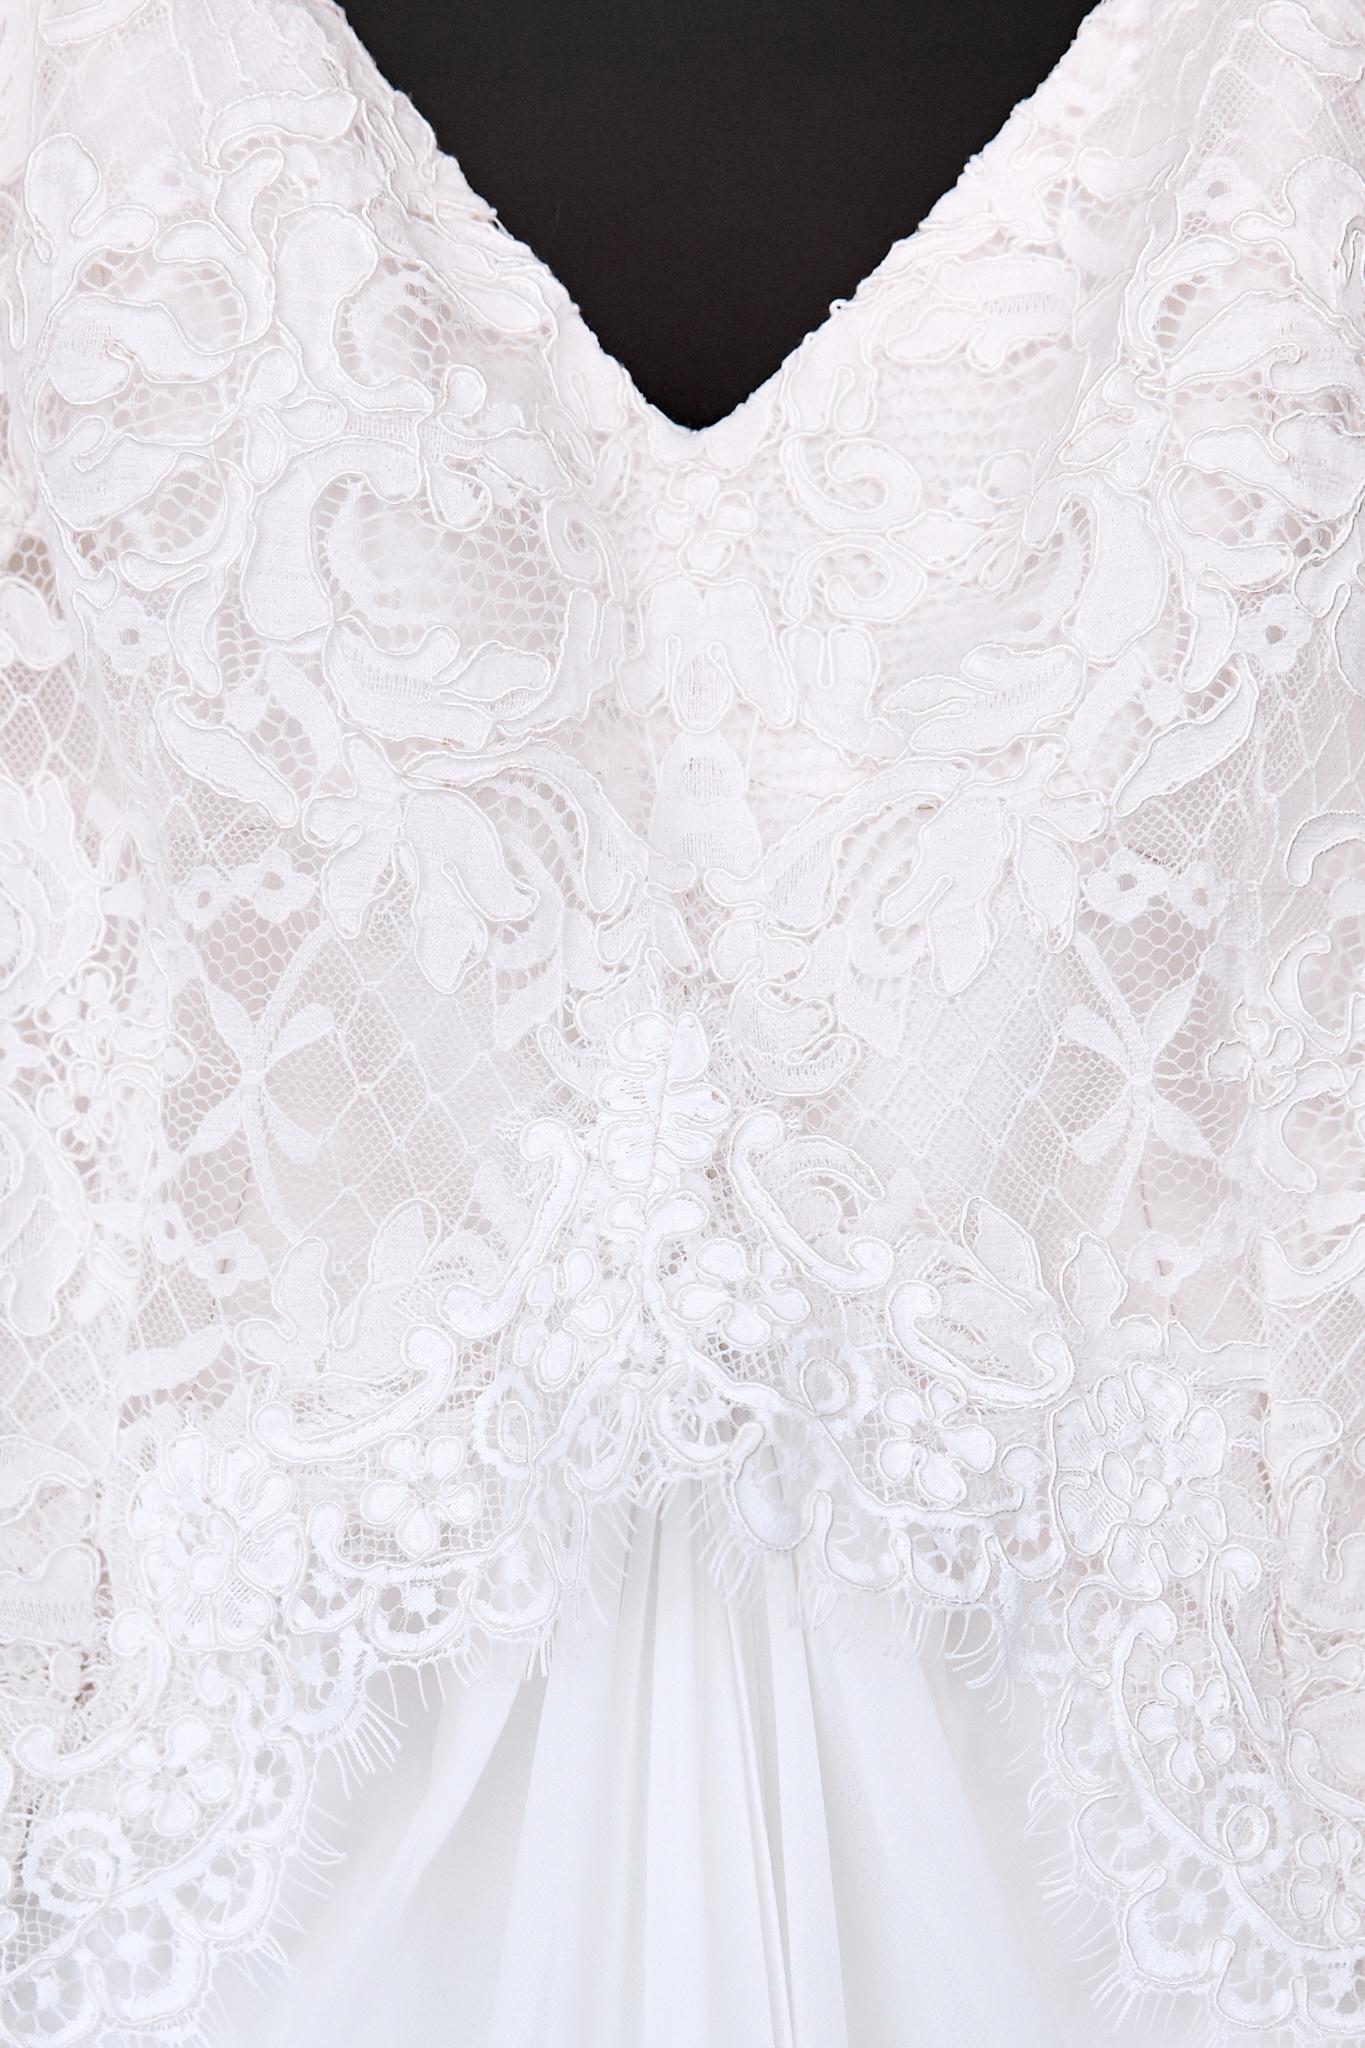 wedding dress close up detail.jpg